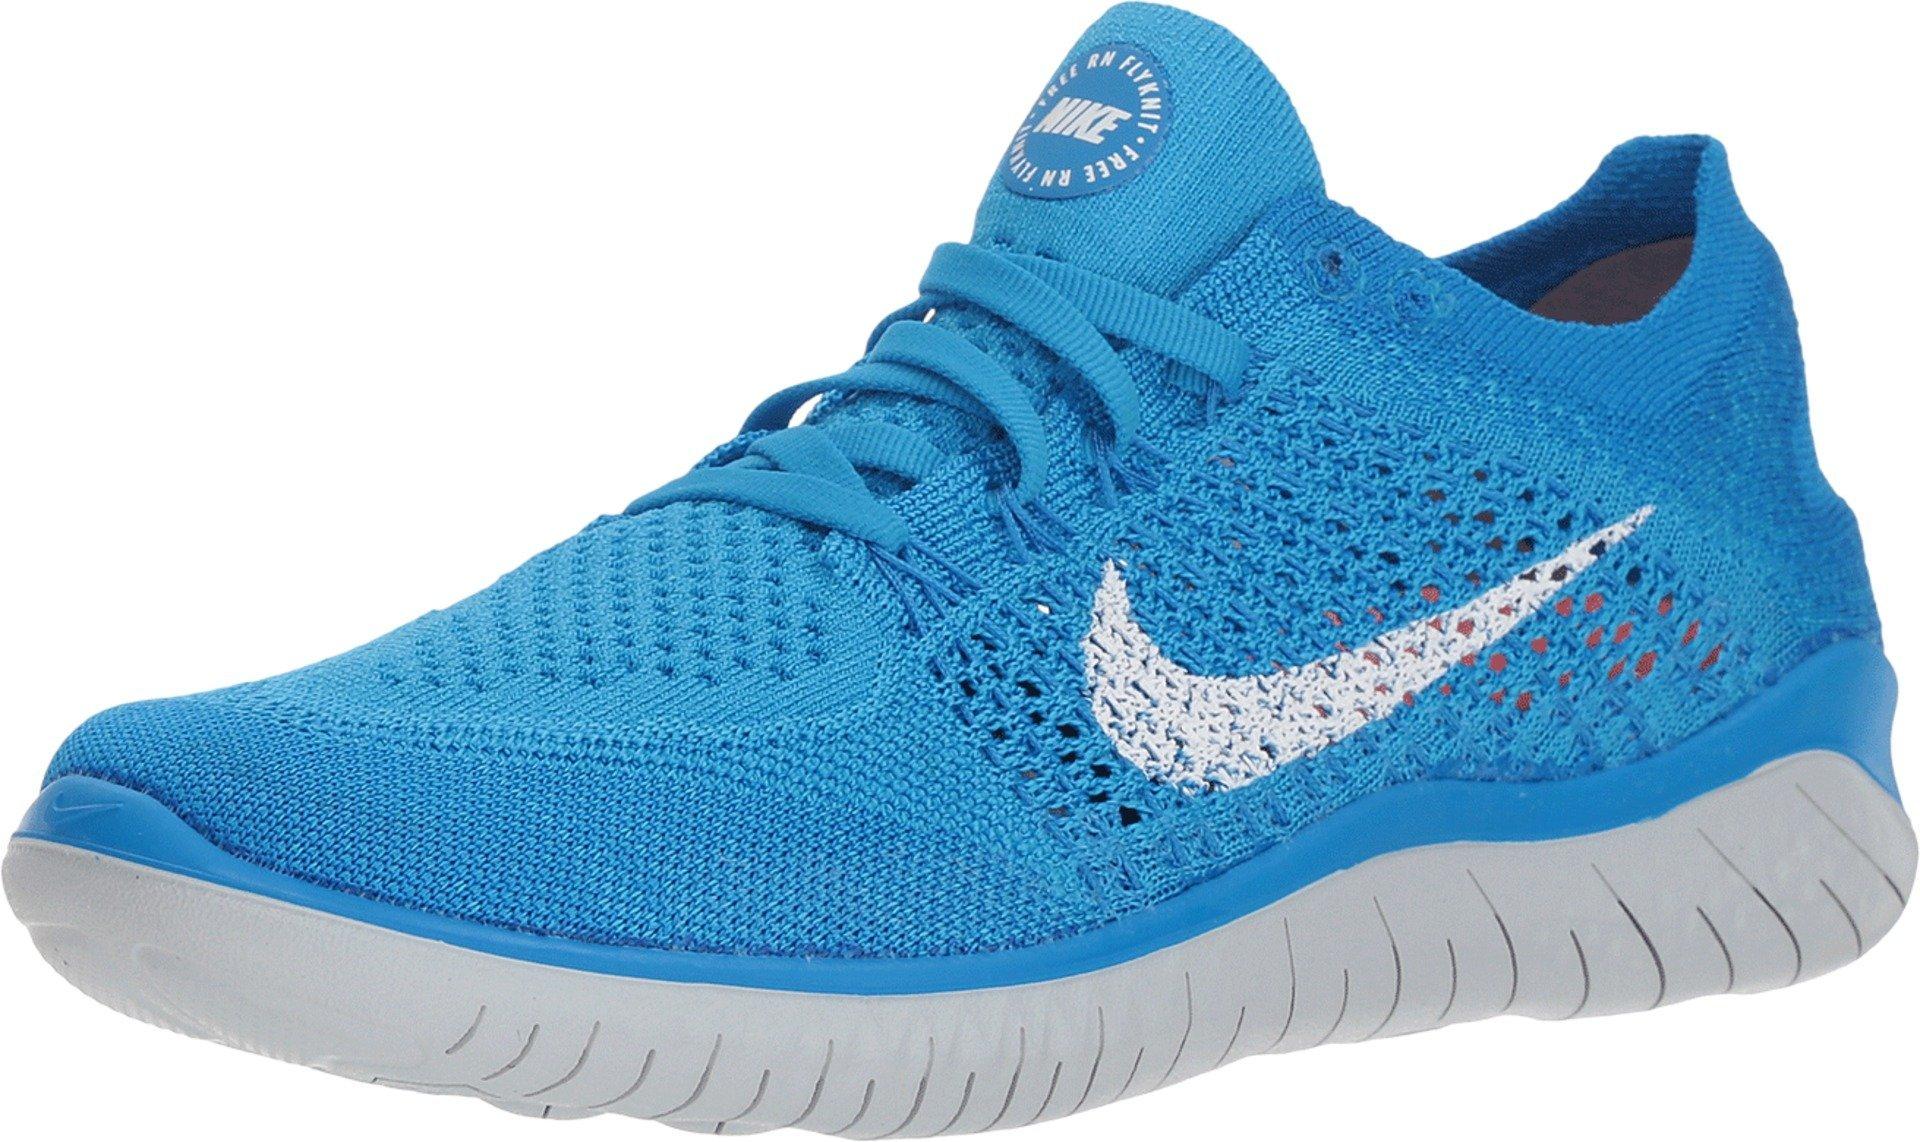 1984d901641 Galleon - Nike Women s Free Rn Flyknit 2018 Running Shoe (6 B(M) US ...